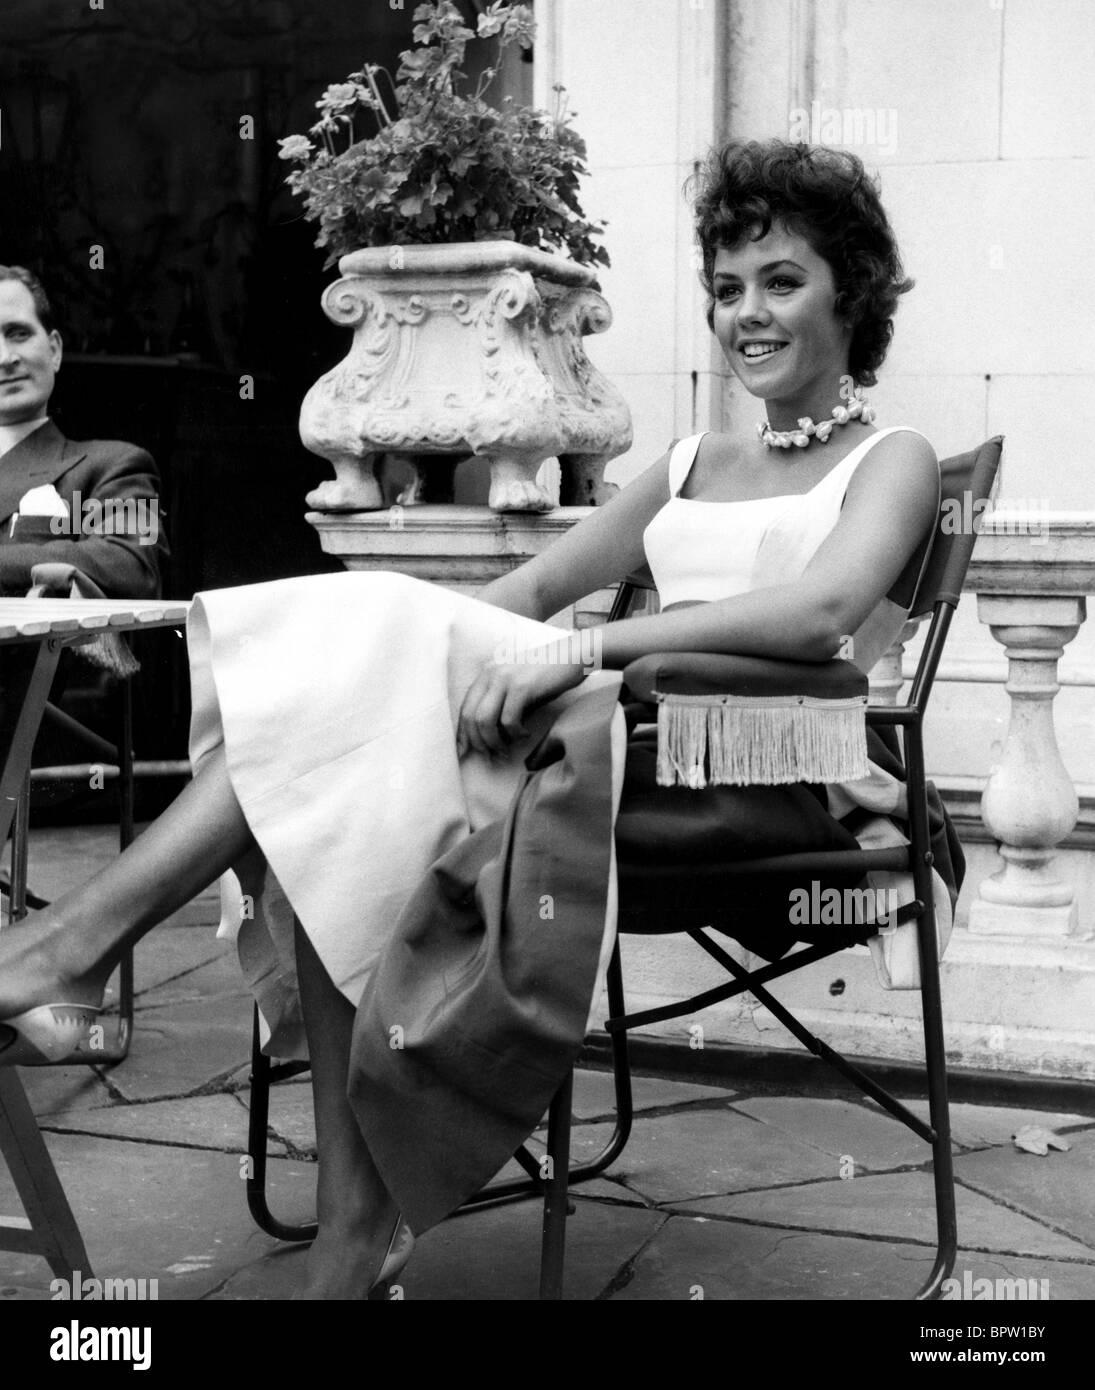 jackie lane actress 1957 stock photo royalty free image